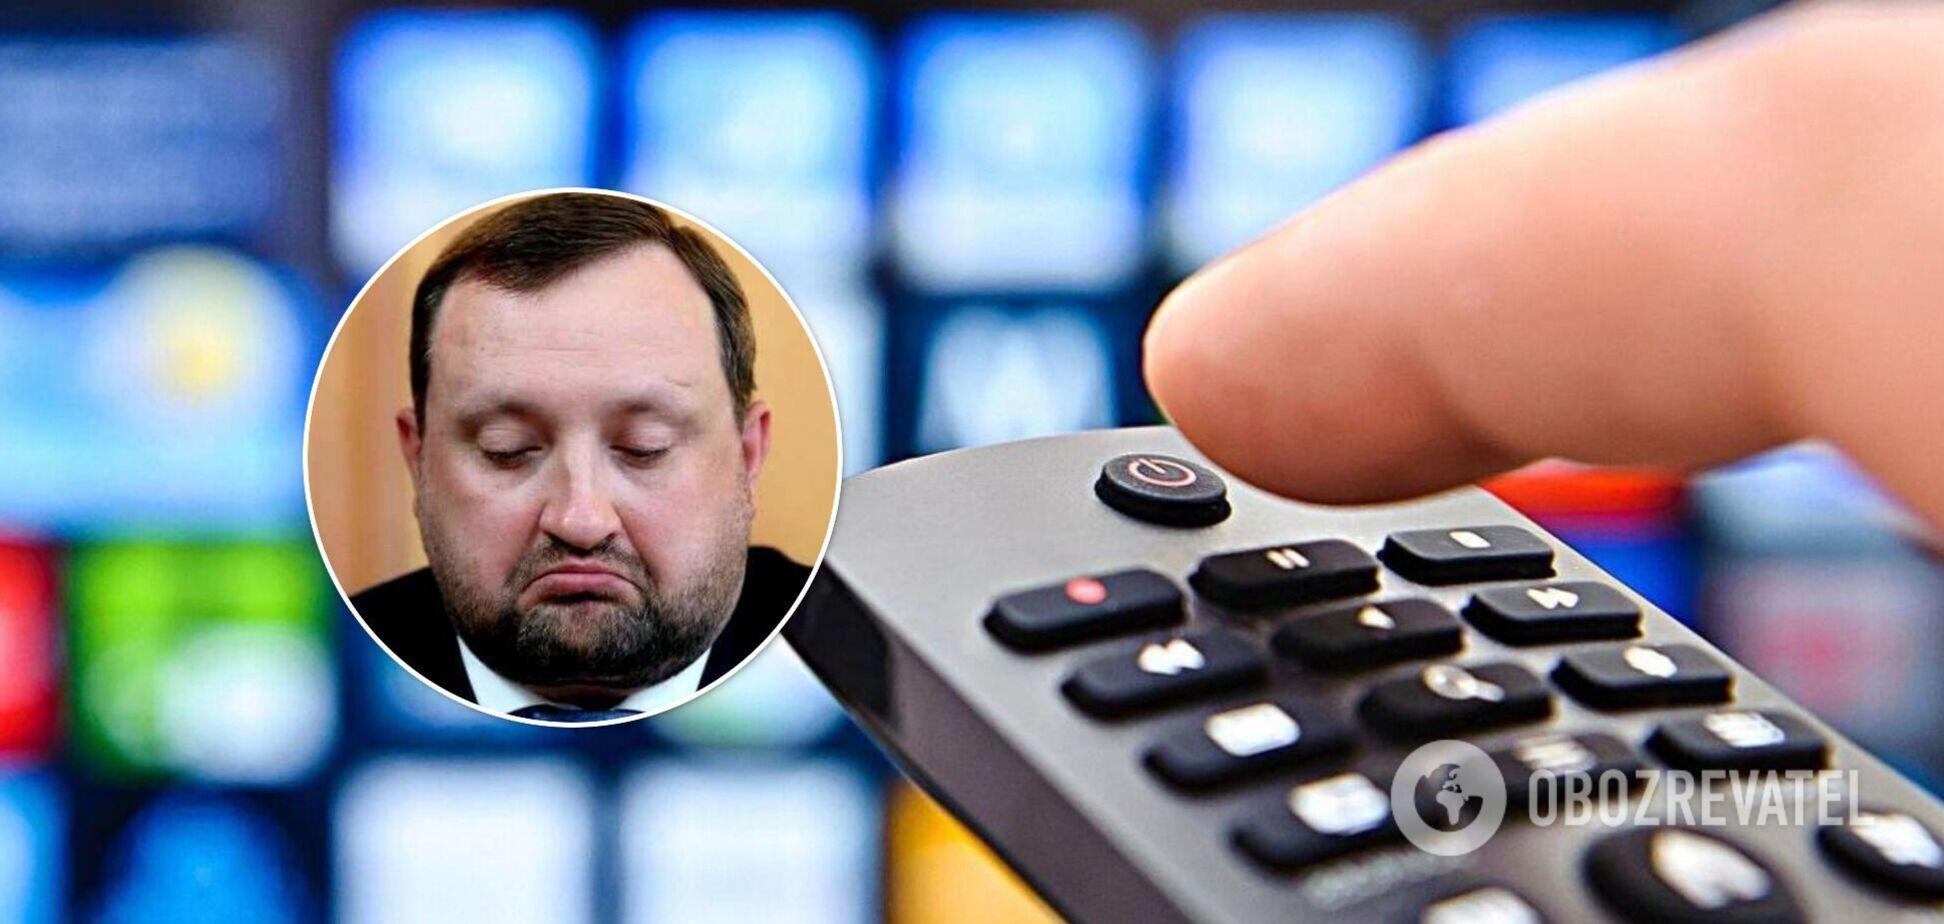 У Сергія Арбузова може з'явитися власний телеканал в Україні